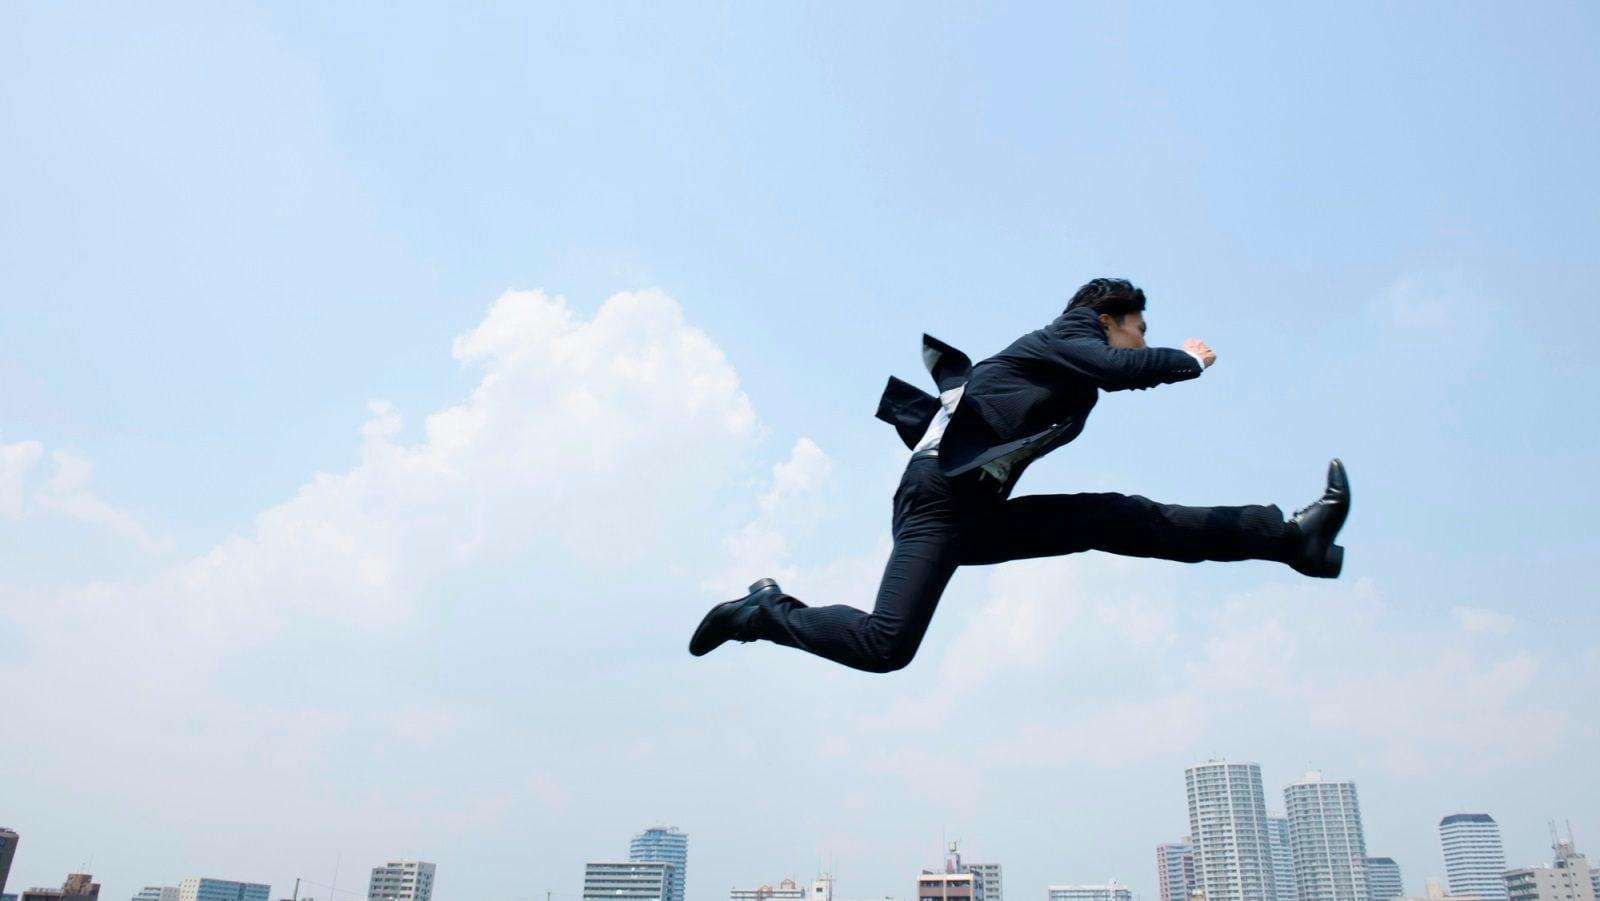 「思考のスピードが速い」人の頭の使い方   リーダーシップ・教養・資格・スキル